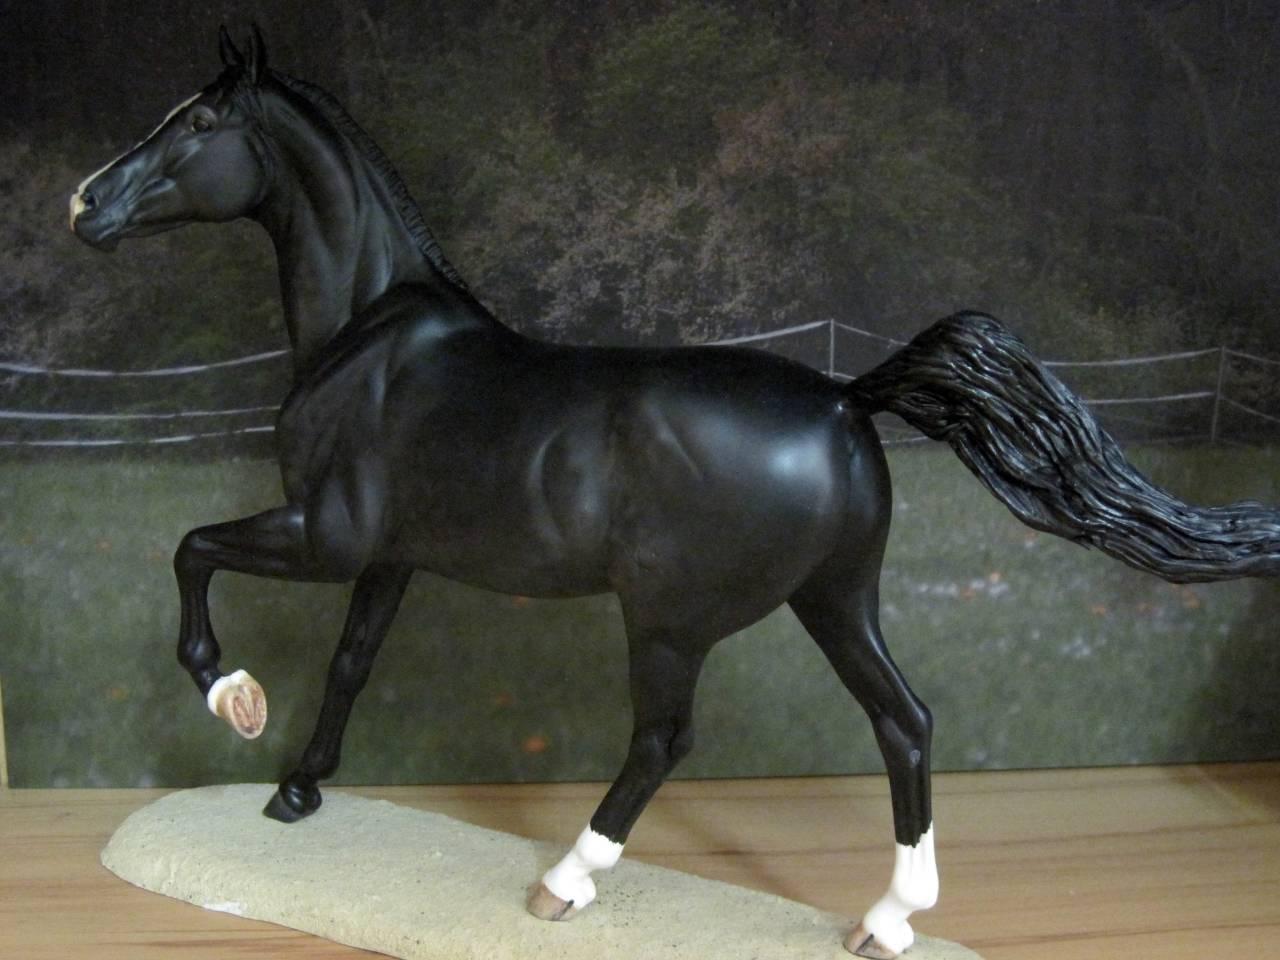 Modellpferd Replay Resin von Brigitte Eberl bemalt von Janine G. (eb-horseandtack)